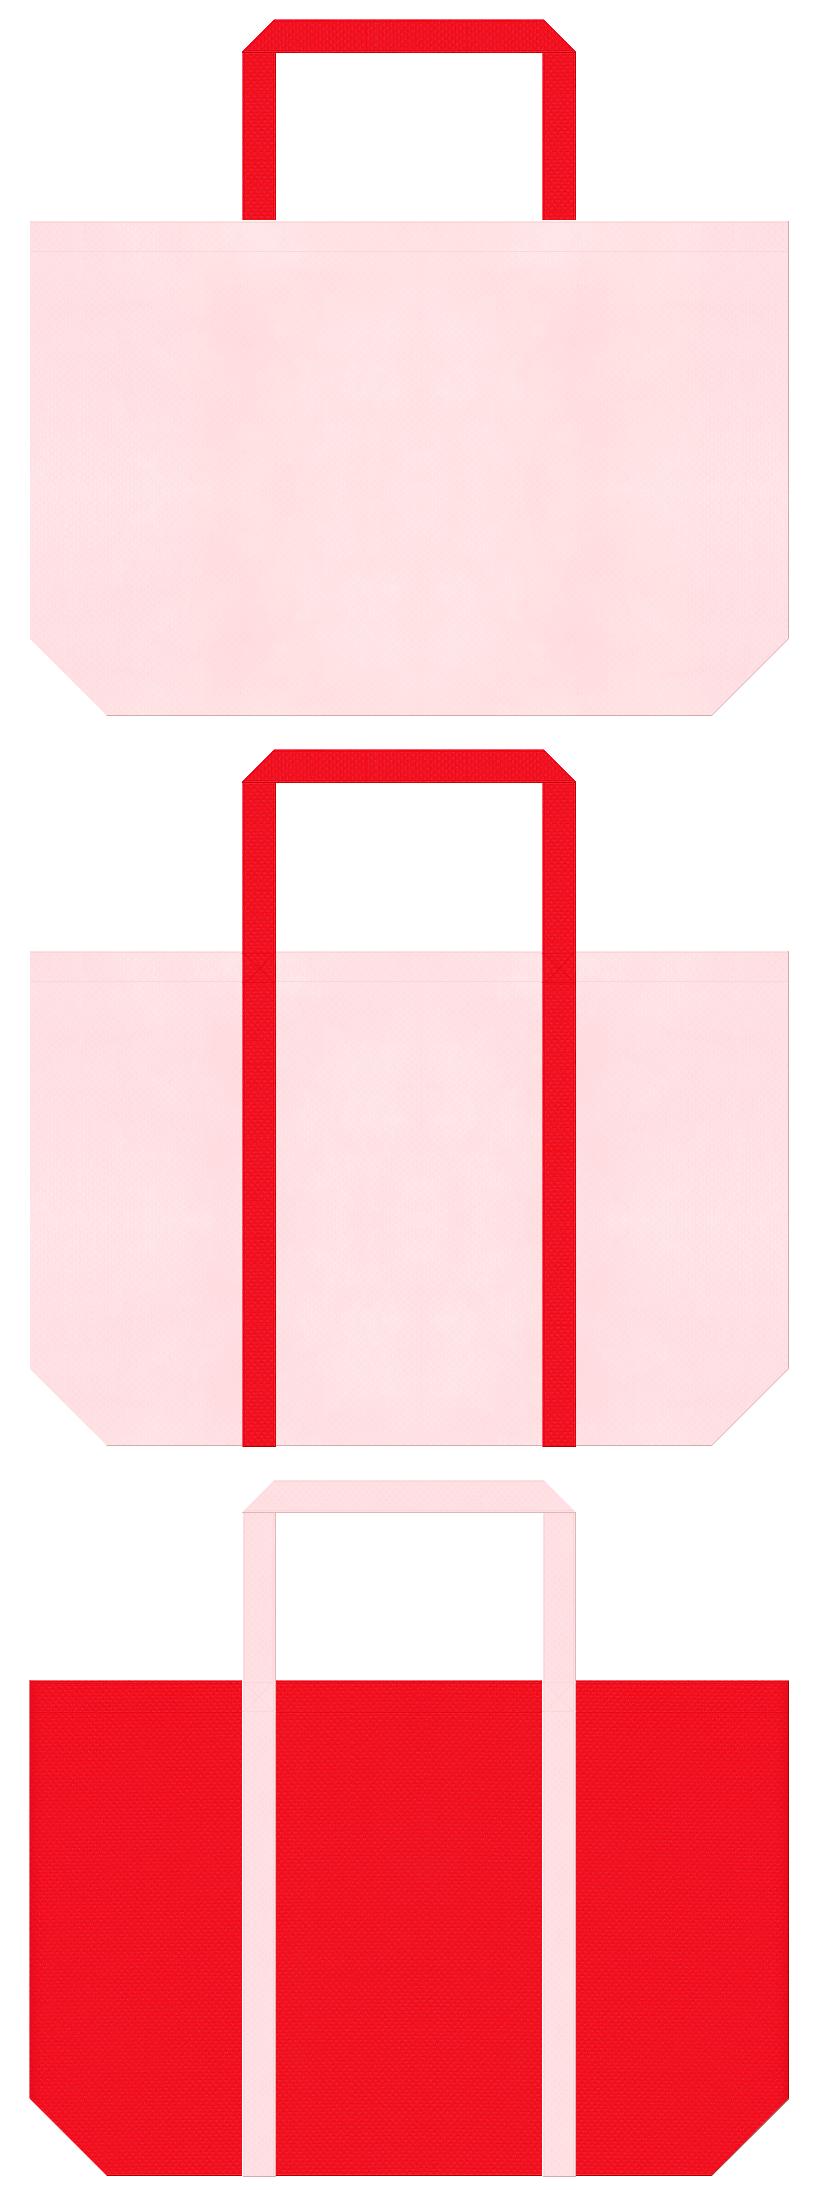 桜色と赤色の不織布ショッピングバッグデザイン。母の日ギフトのショッピングバッグにお奨めです。